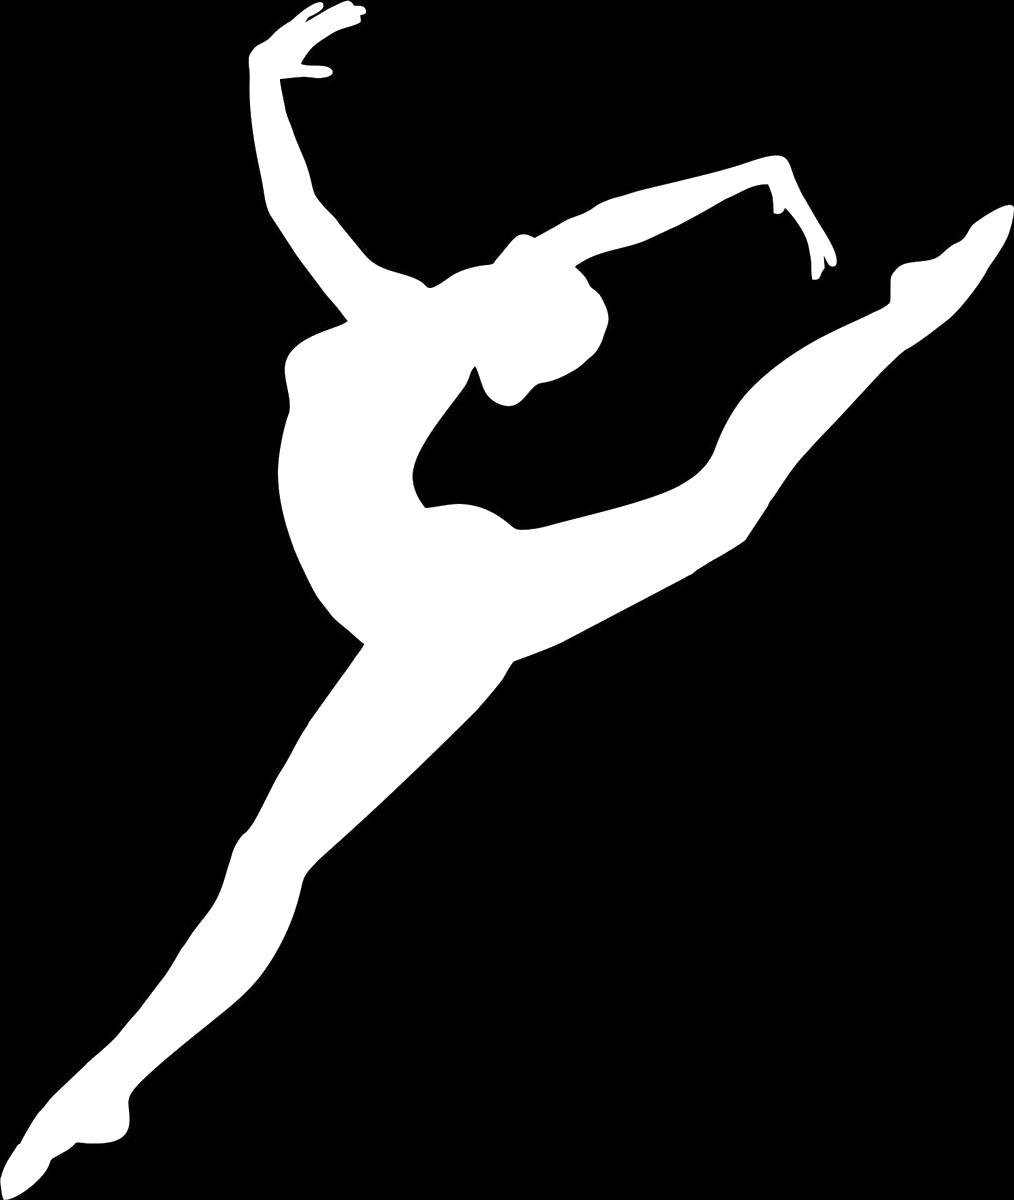 Наклейка автомобильная Оранжевый слоник Балерина, виниловая, цвет: белыйВетерок 2ГФОригинальная наклейка Оранжевый слоник Балерина изготовлена из долговечного винила, который выполняет не только декоративную функцию, но и защищает кузов от небольших механических повреждений, либо скрывает уже существующие.Виниловые наклейки на авто - это не только красиво, но еще и быстро! Всего за несколько минут вы можете полностью преобразить свой автомобиль, сделать его ярким, необычным, особенным и неповторимым!